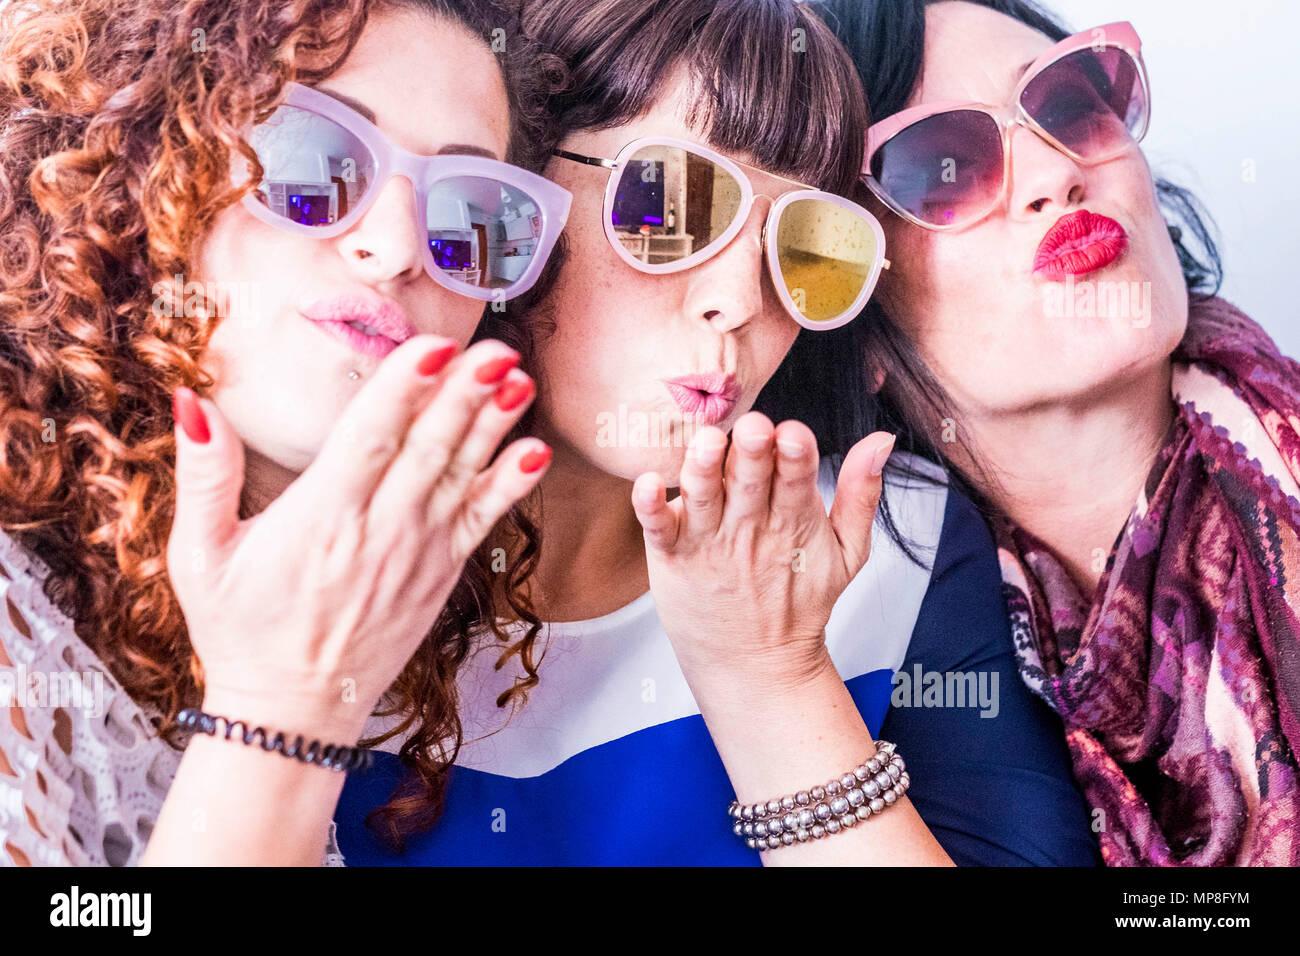 Drei kaukasischen Jungen lustig verrückte Frau tun, eine Partei mit bunten Sonnenbrillen. Senden Kuss und Spaß zusammen, die in einer echten Freundschaft. Gruppe Menschen ein Stockfoto